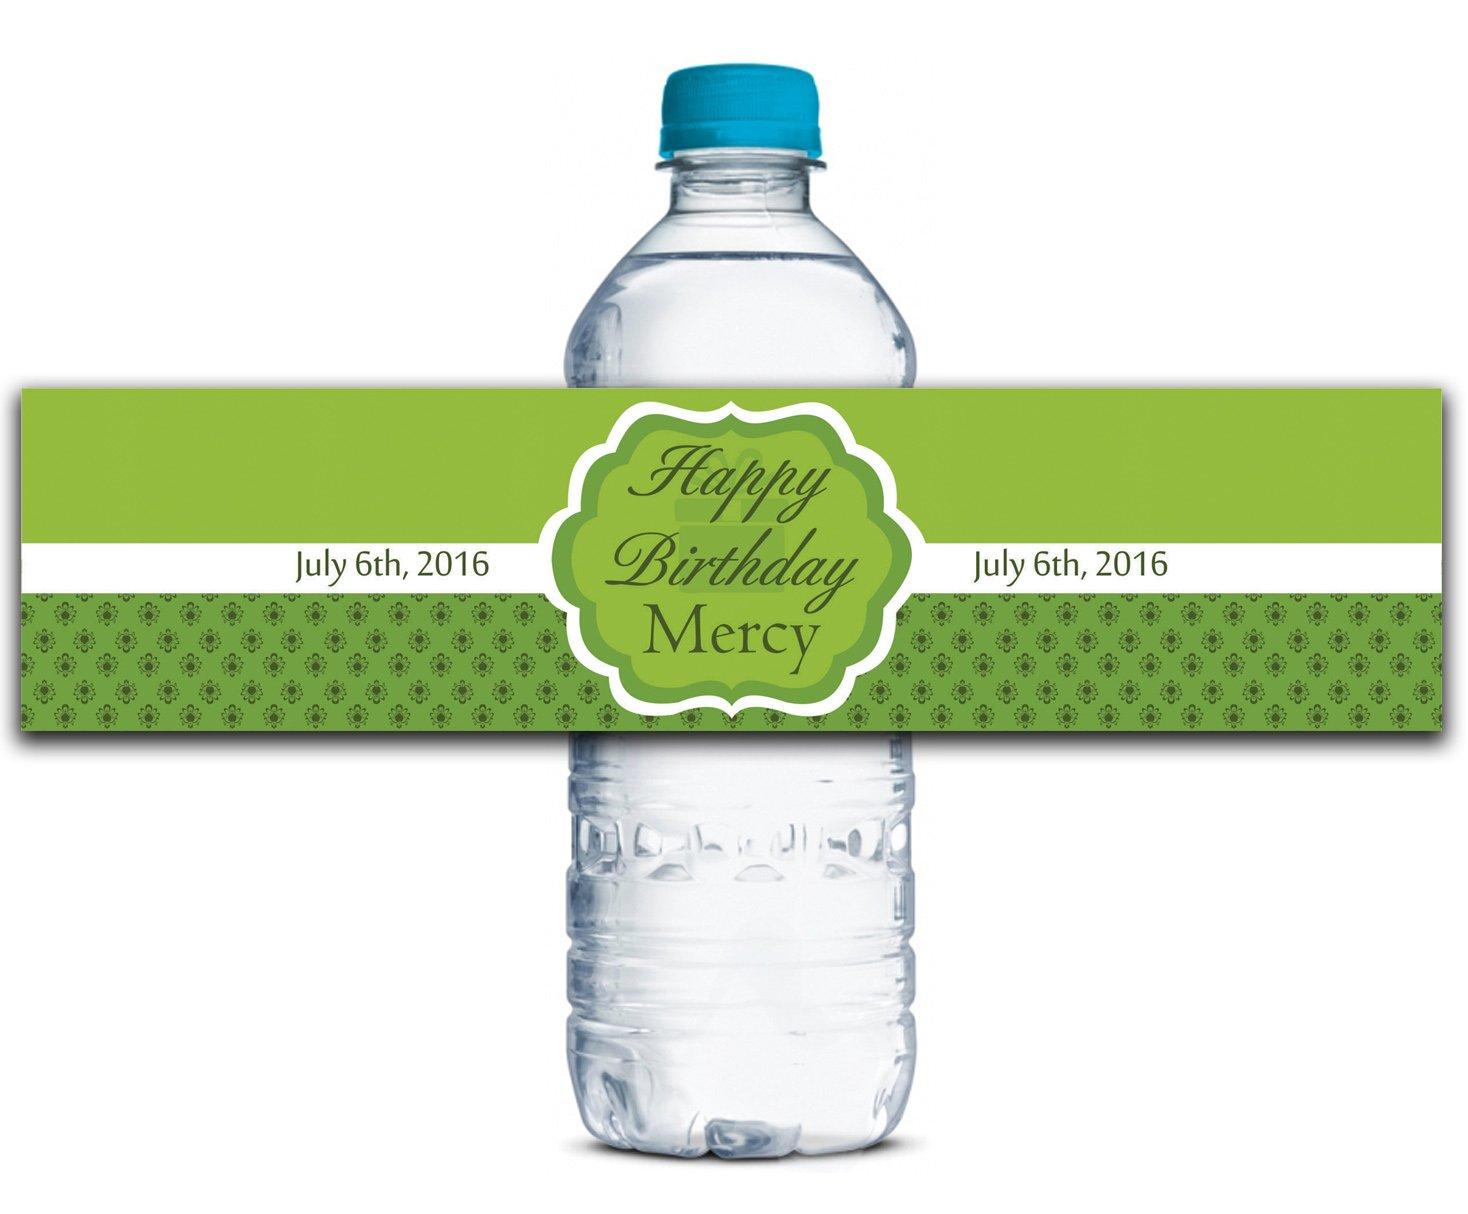 Personalisierte Wasserflasche Etiketten Selbstklebende wasserdichte Kundenspezifische Geburtstags-Aufkleber 8  x 2  Zoll - 50 Etiketten B01A0W4FCG Farbetiketten Qualifizierte Herstellung